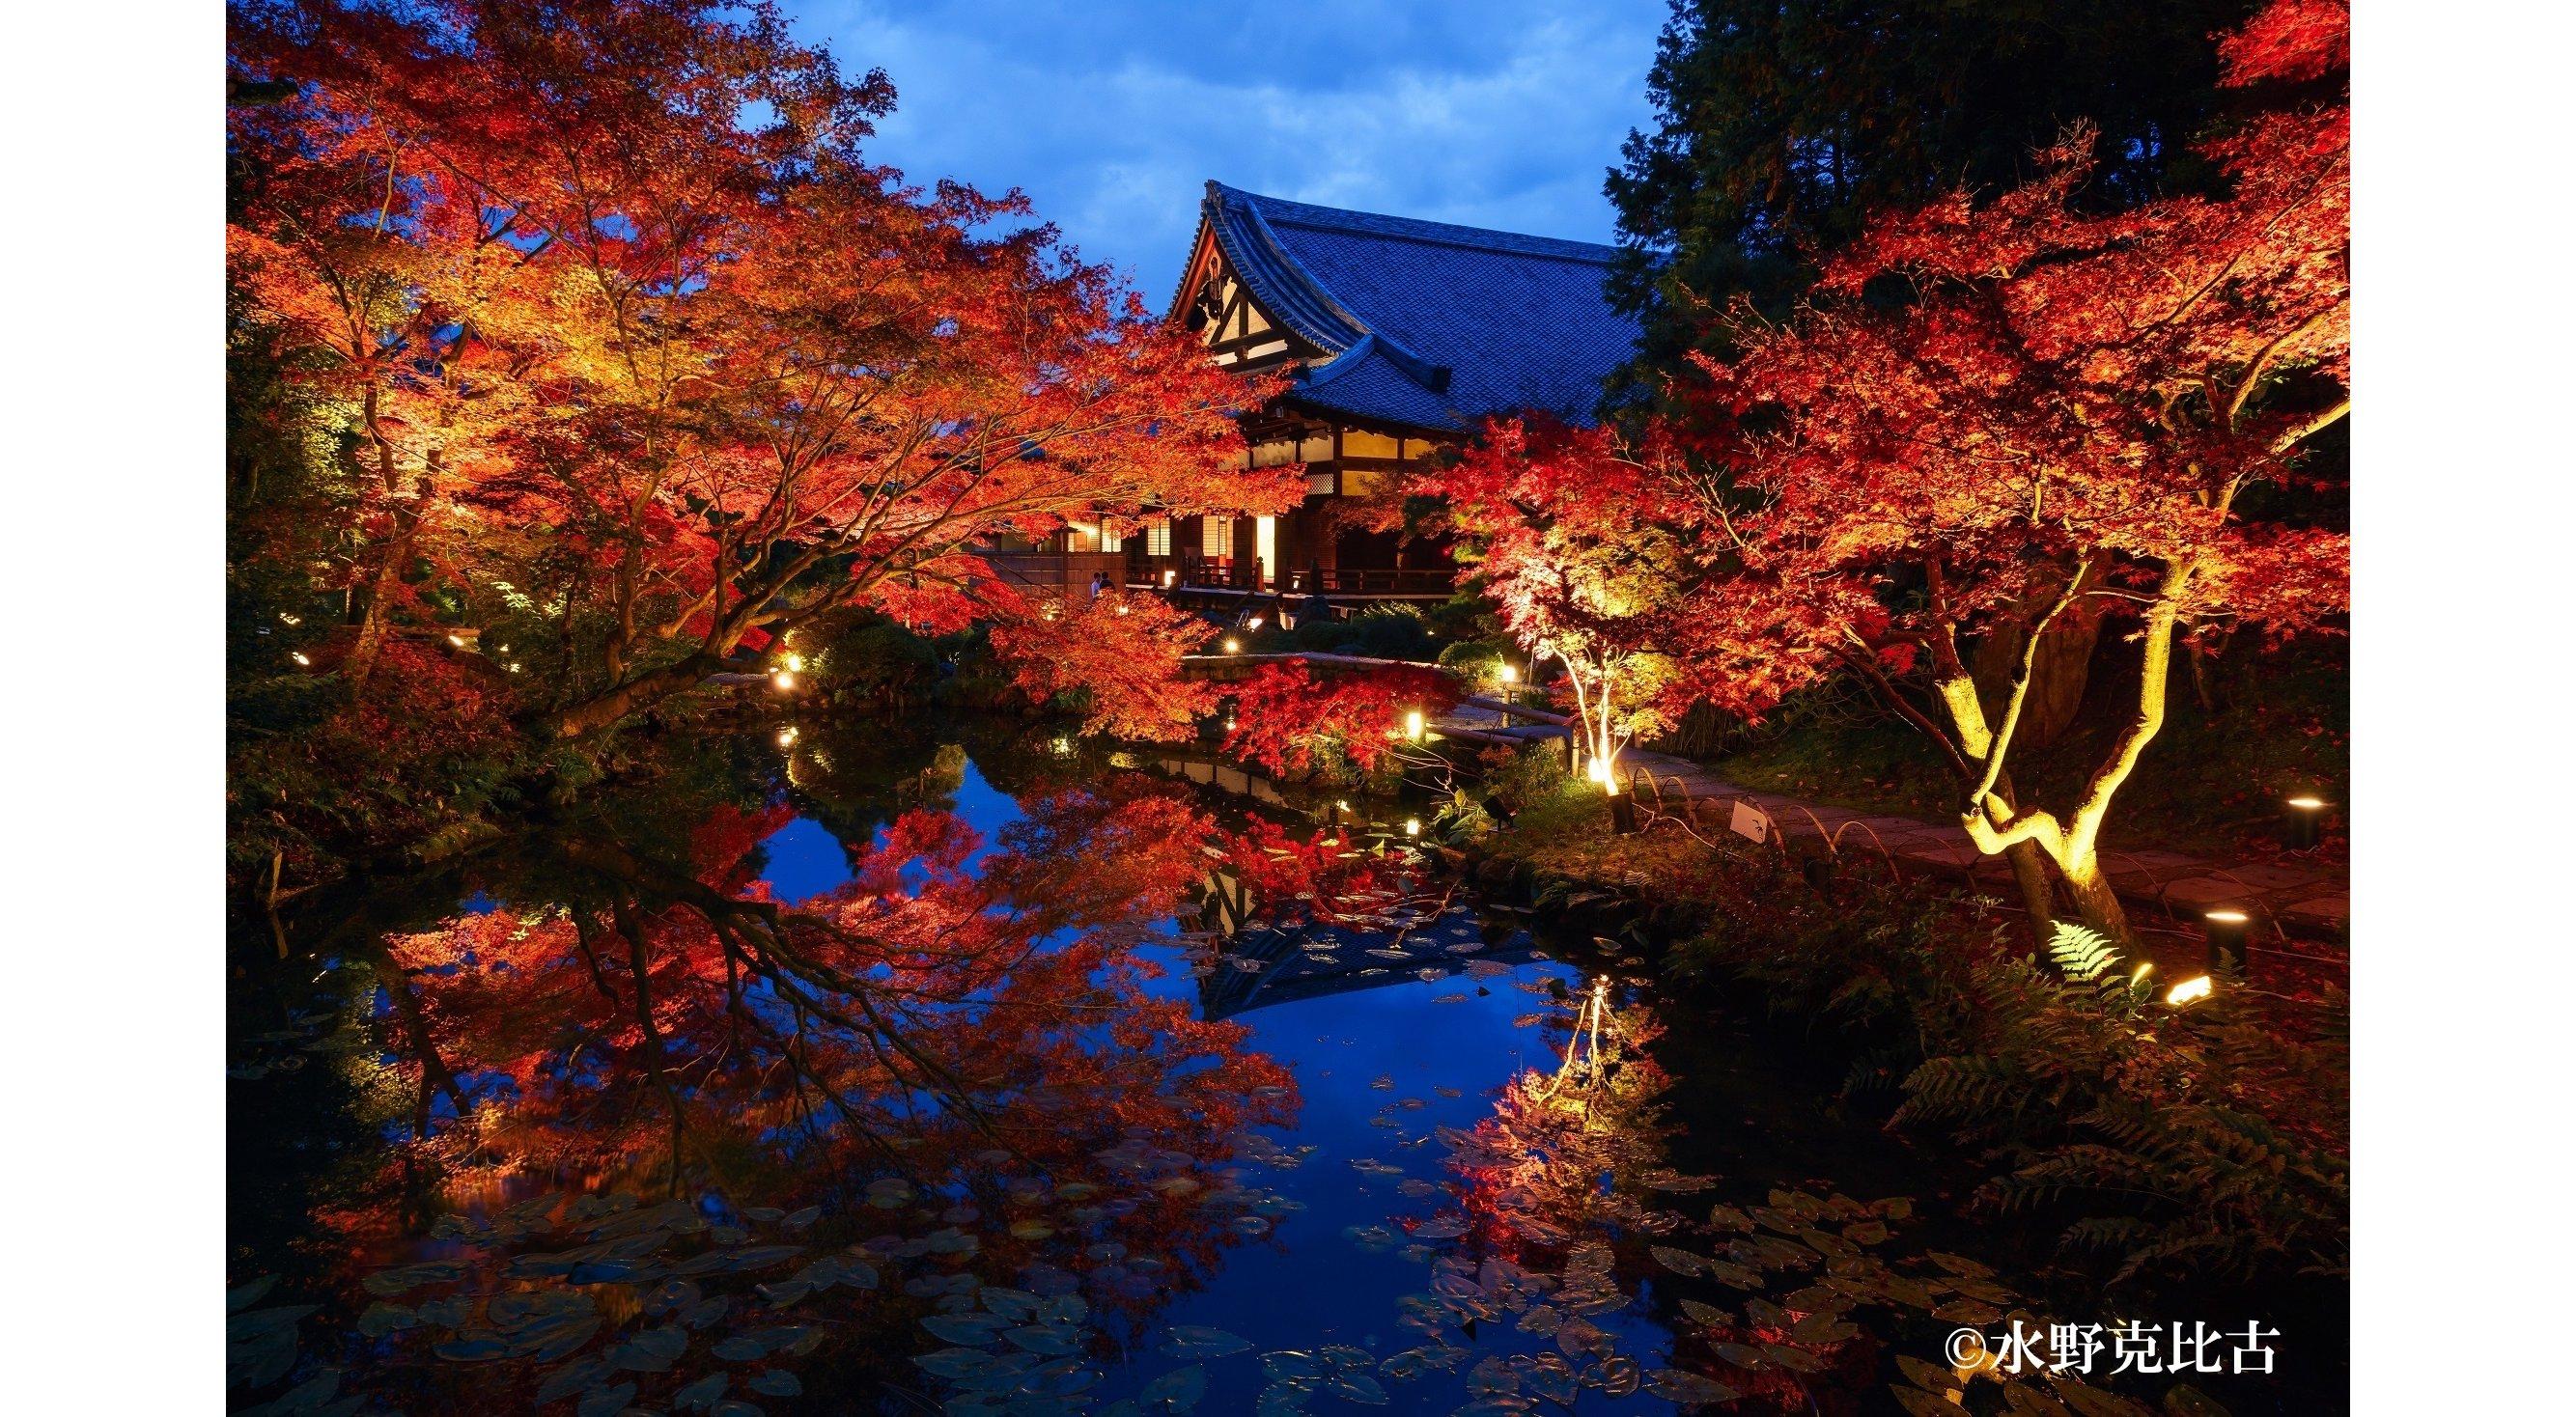 通常非公開の京都・くろ谷 金戒光明寺 秋の特別拝観を開催1